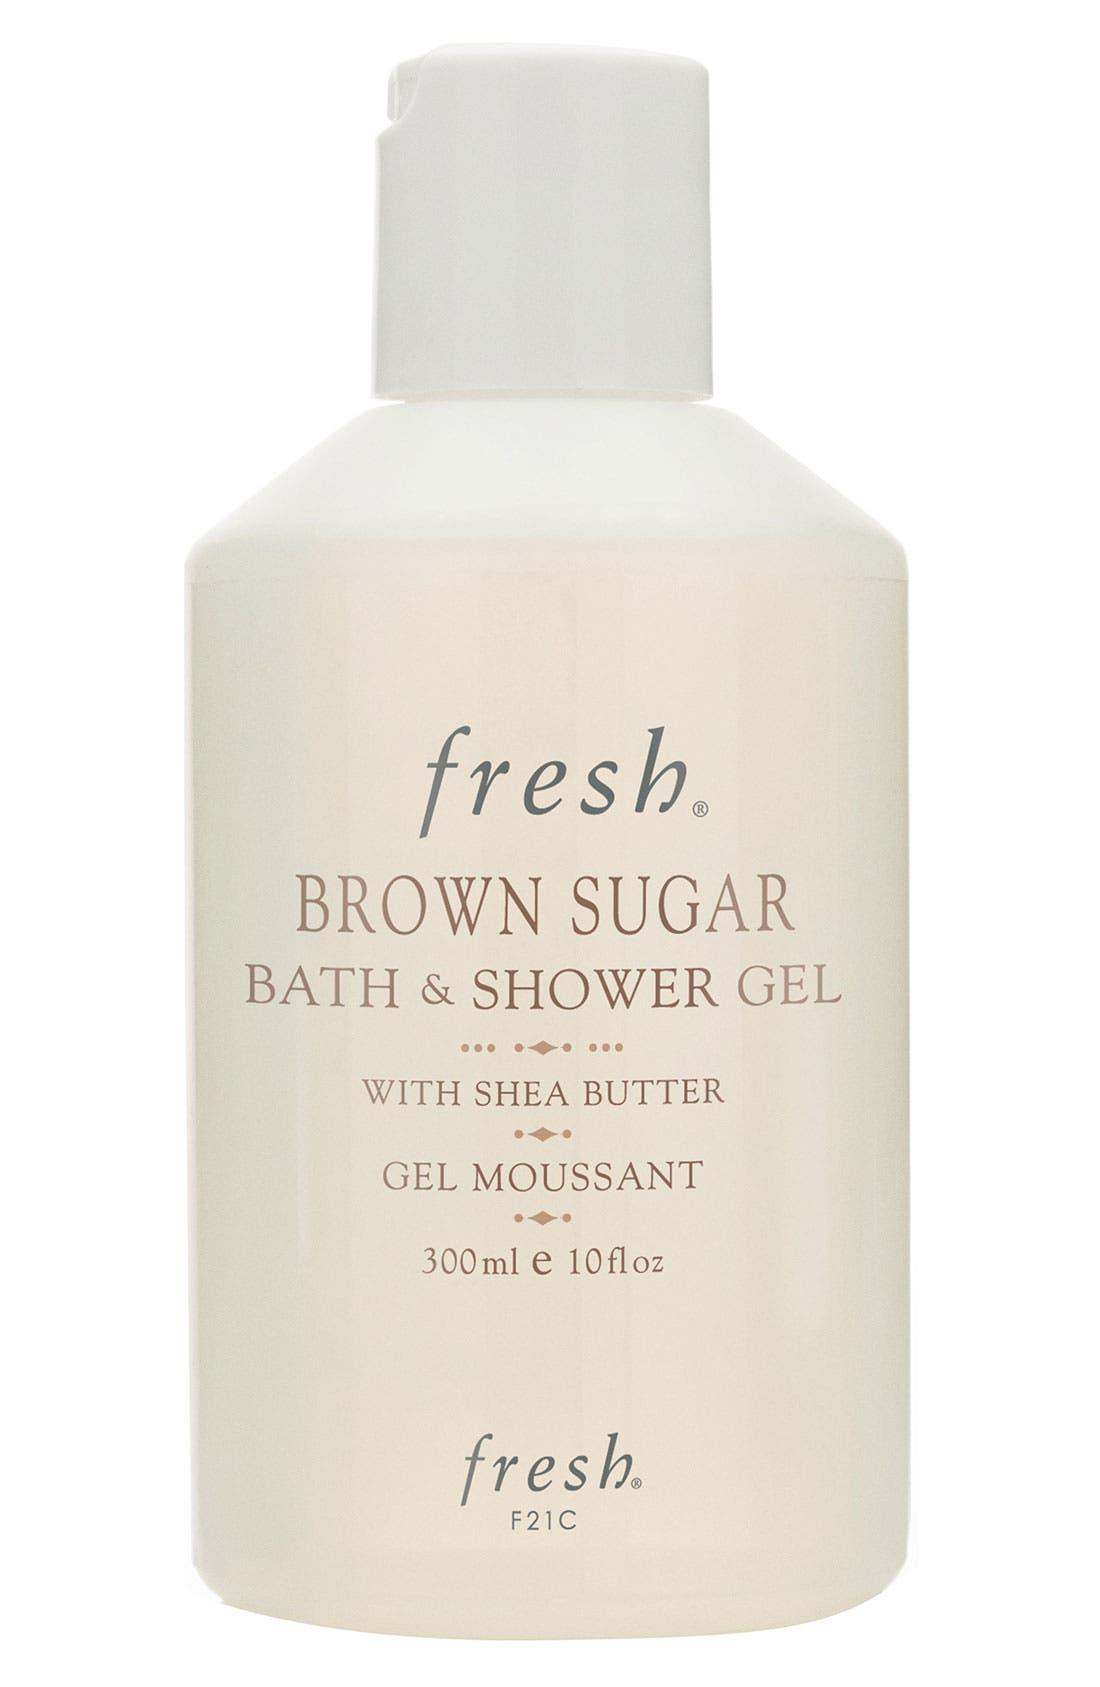 Fresh® Brown Sugar Bath & Shower Gel